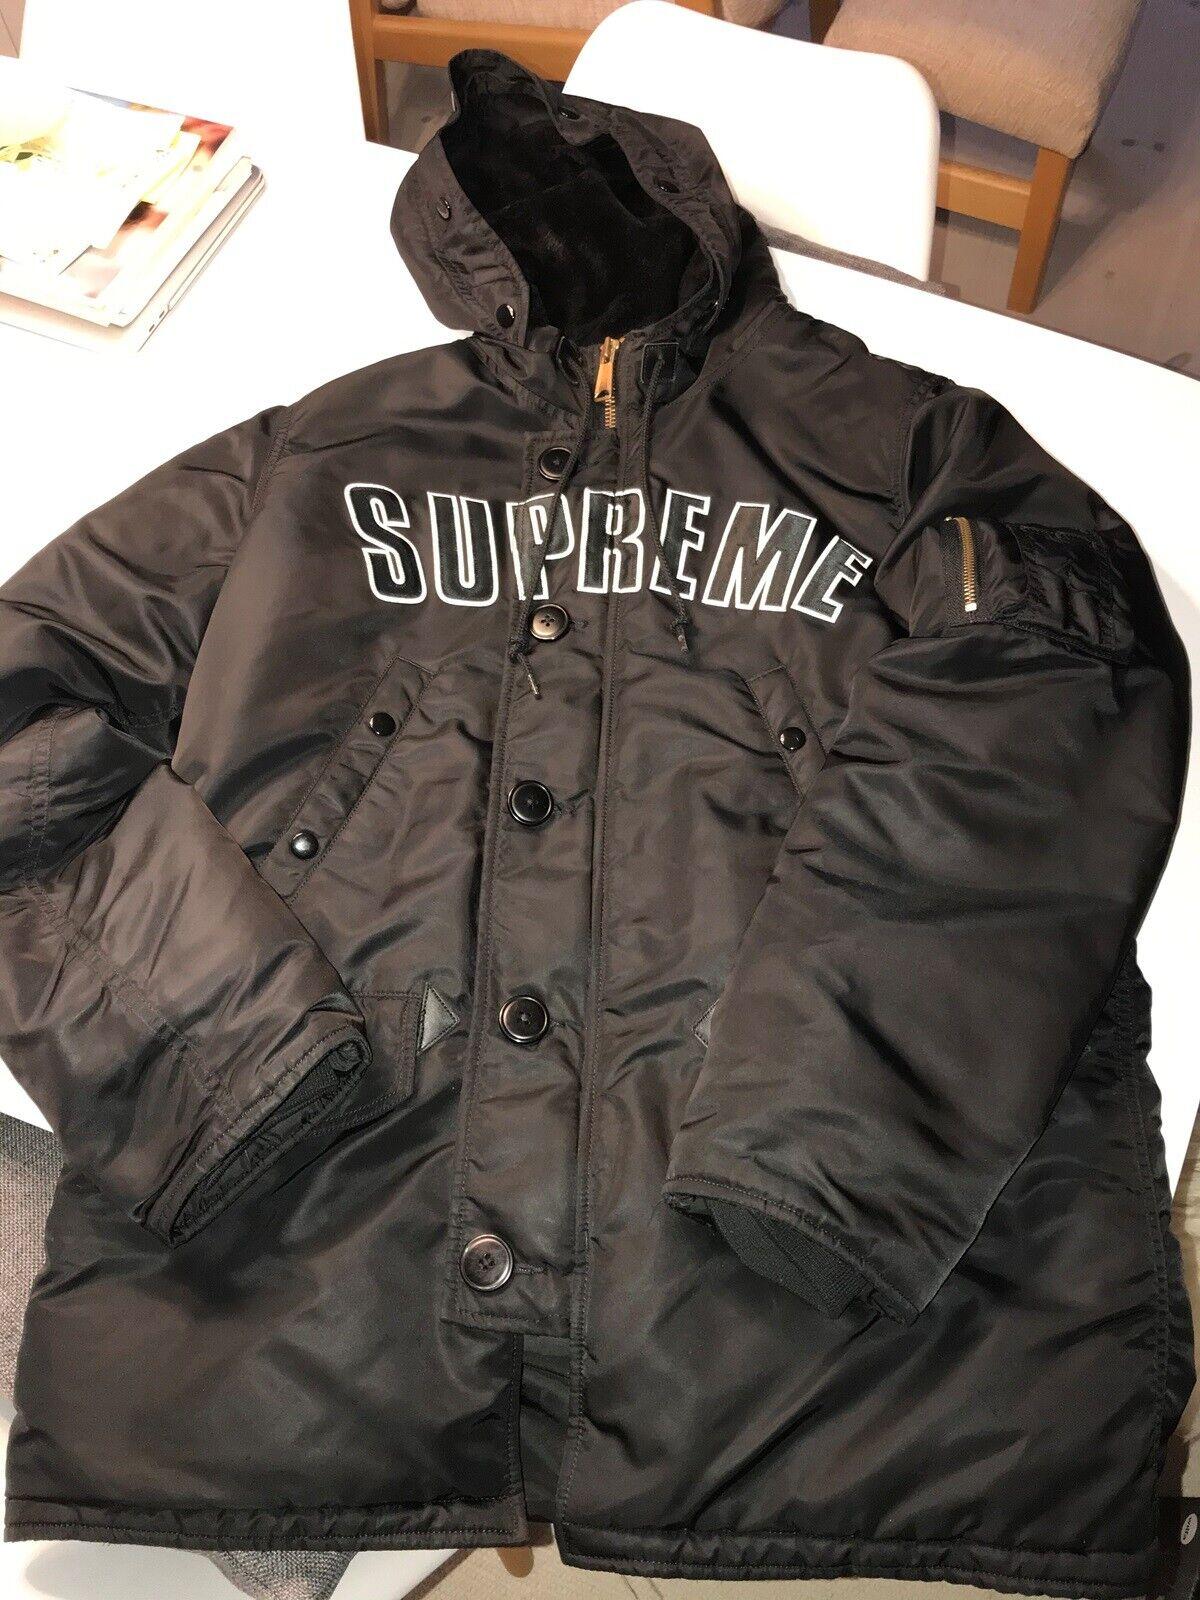 Parkacoat, str. M, SUPREME ARC LOGO jacket, Blå